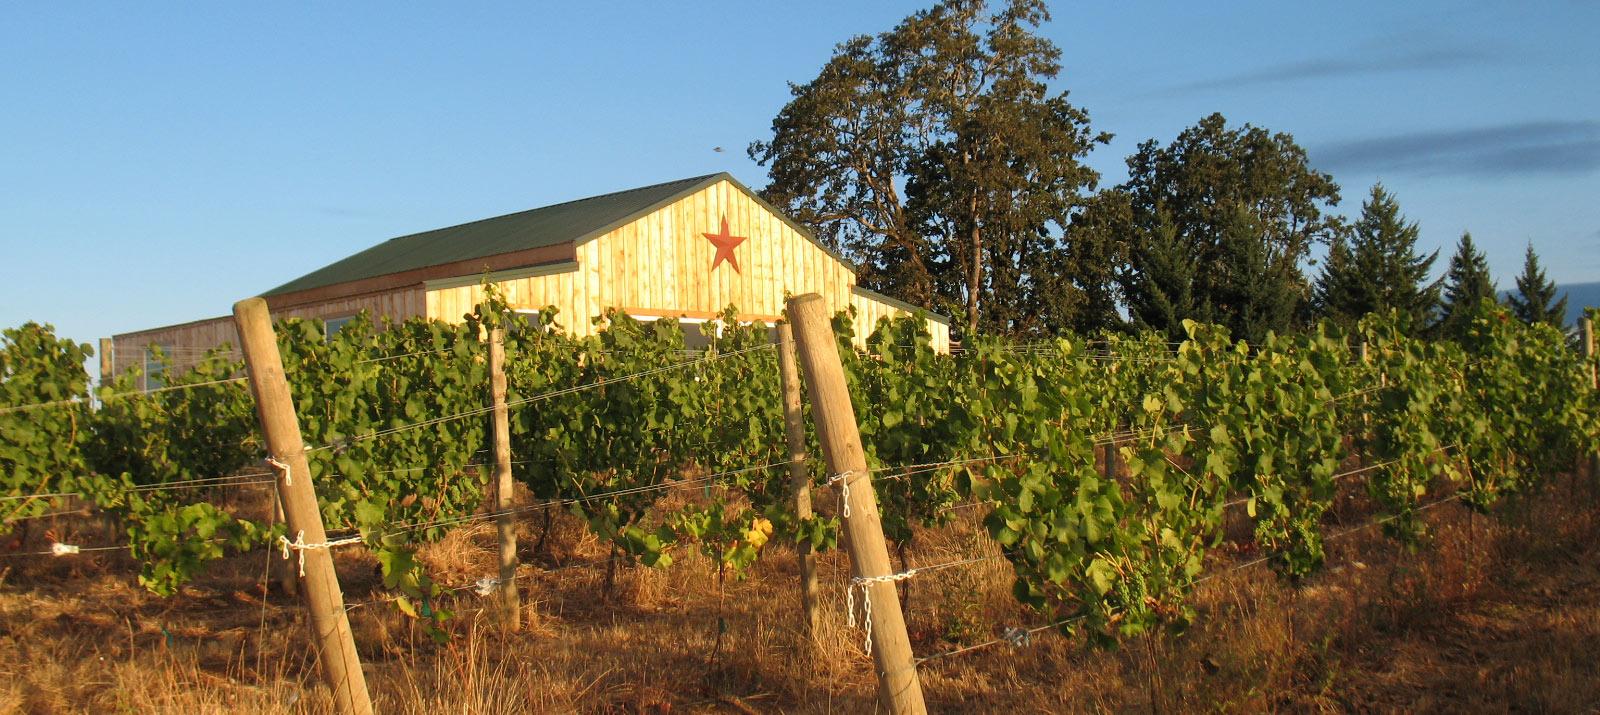 J Wrigley wines